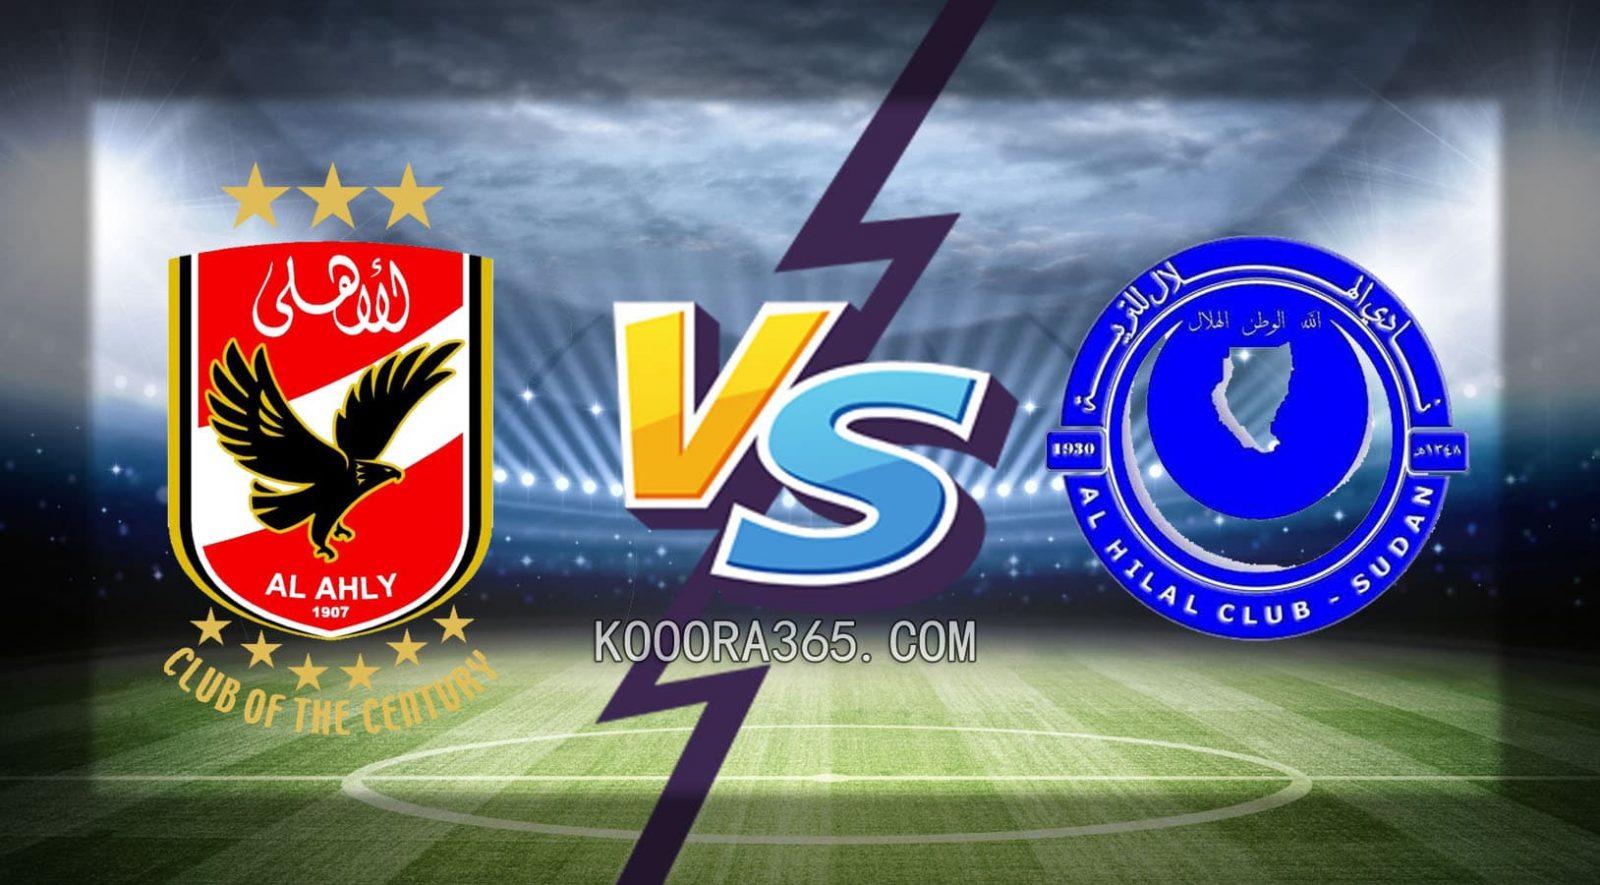 موعد مباراة الأهلي والهلال السوداني القادمة 1 فبراير 2020 والقنوات